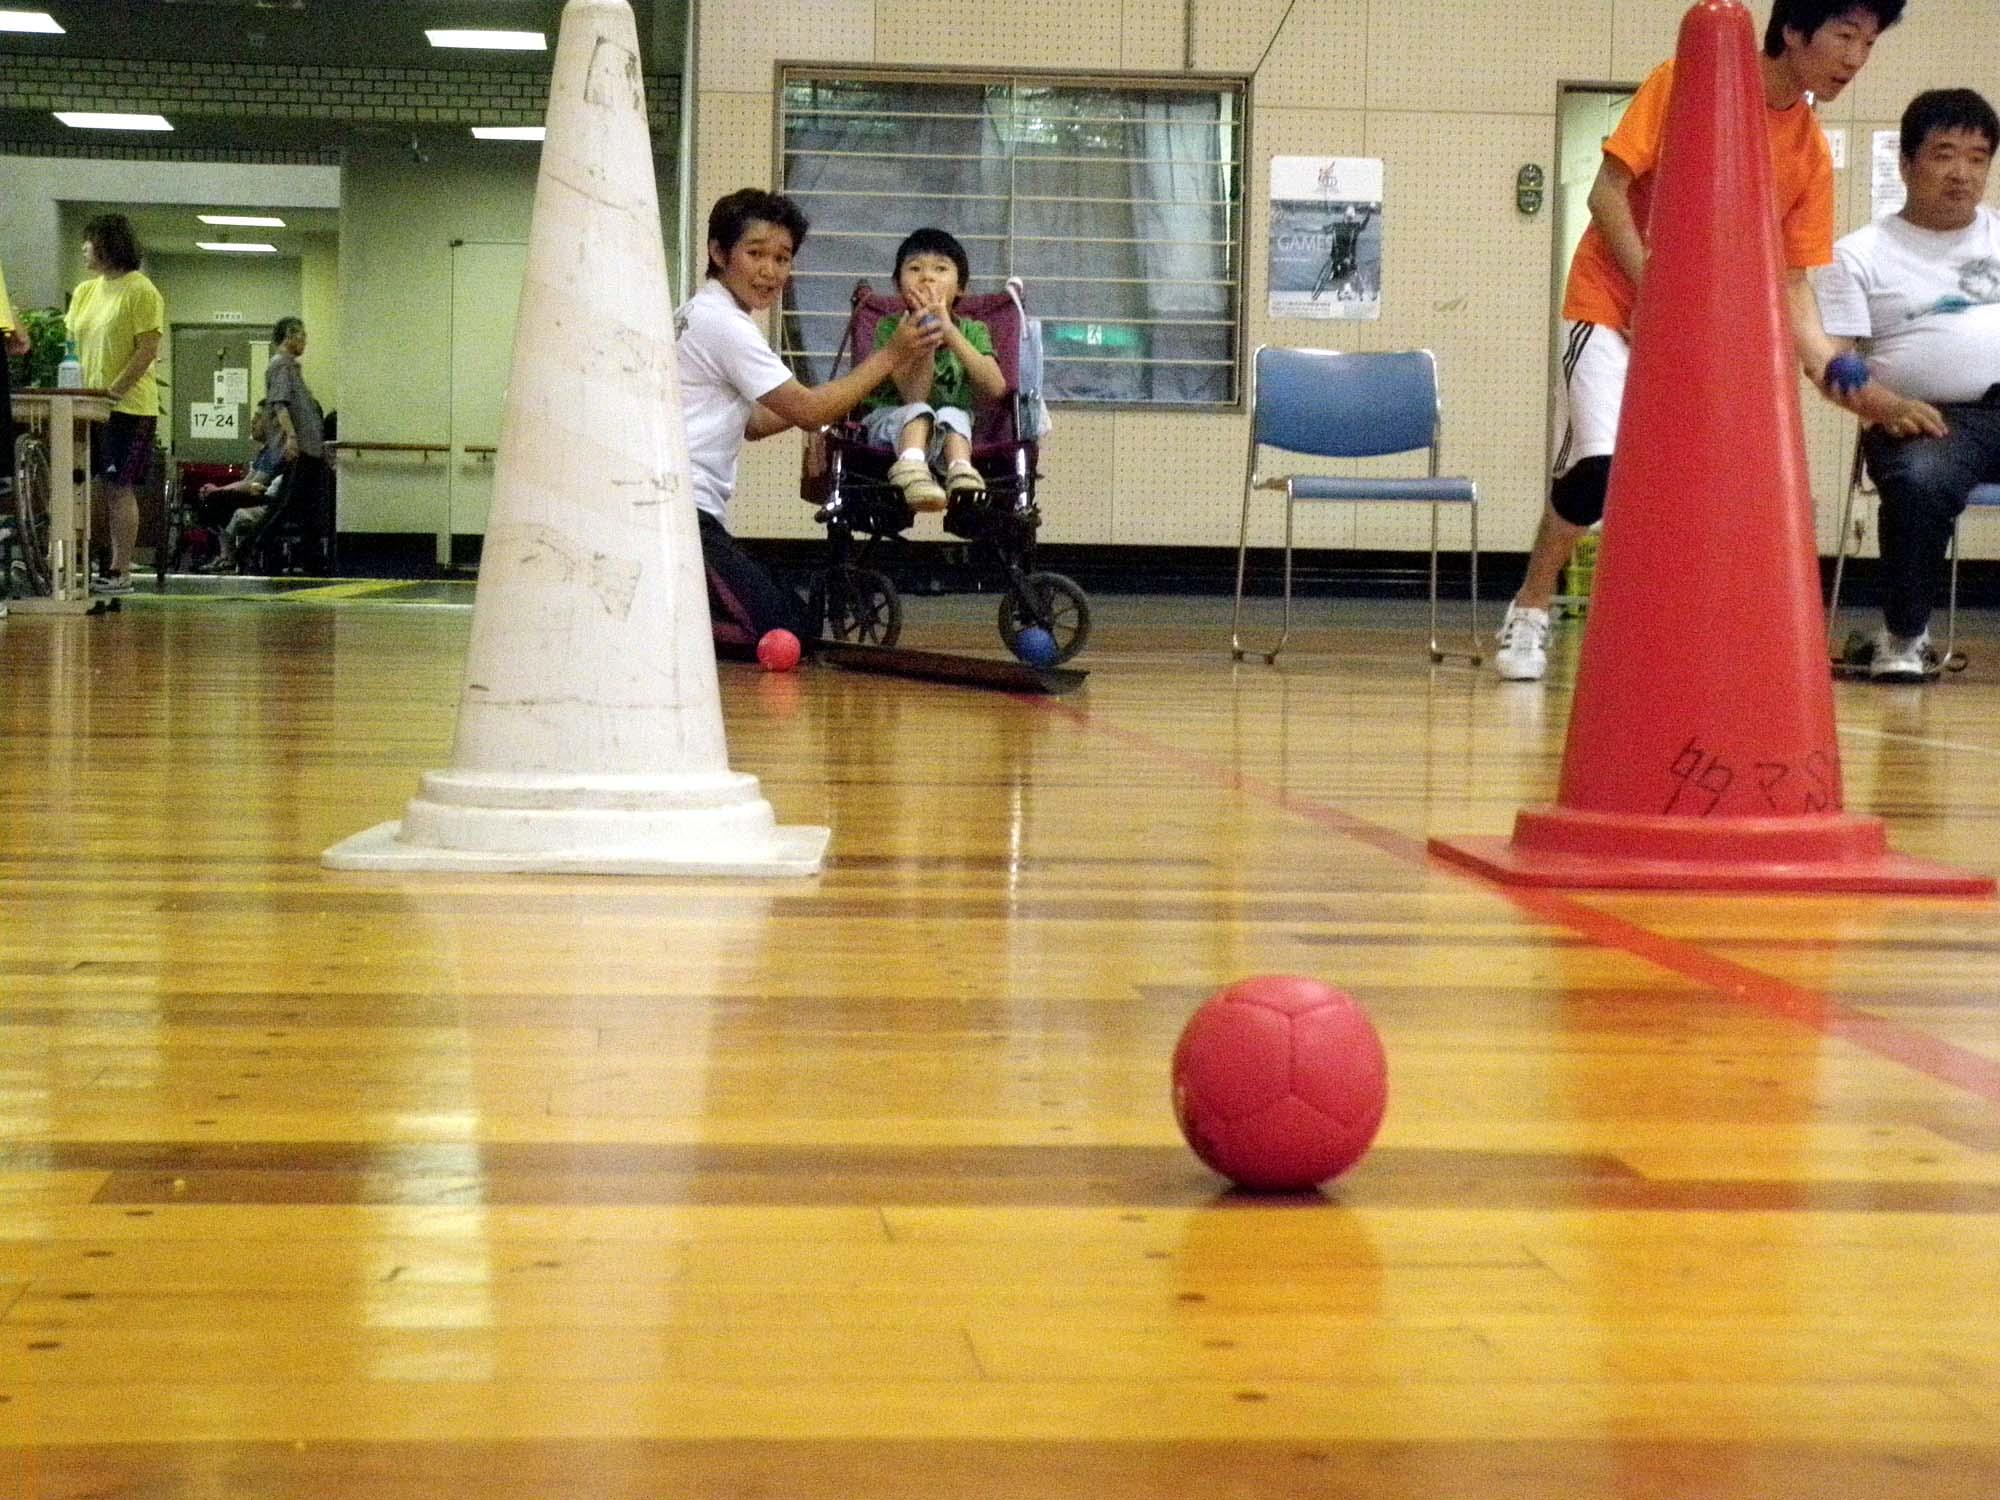 P6130152 - 重度障害者のためのボッチャ教室より ・・・ボッチャに挑戦しています。